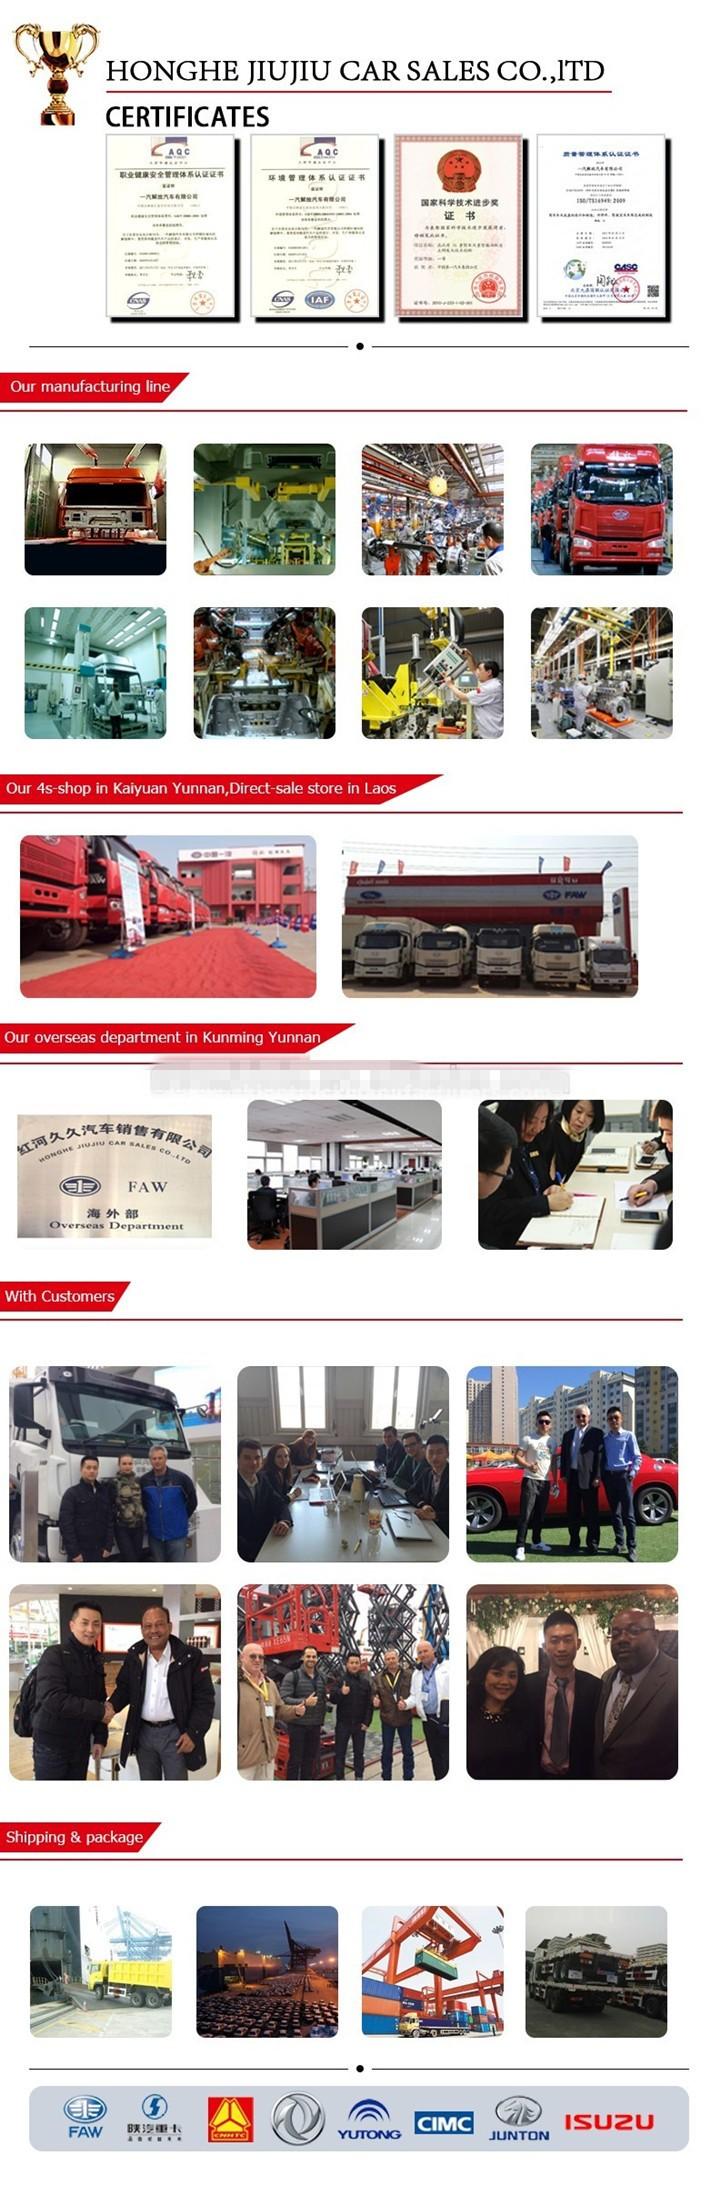 Honghe Jiu Jiu Car Sales Co., Ltd.